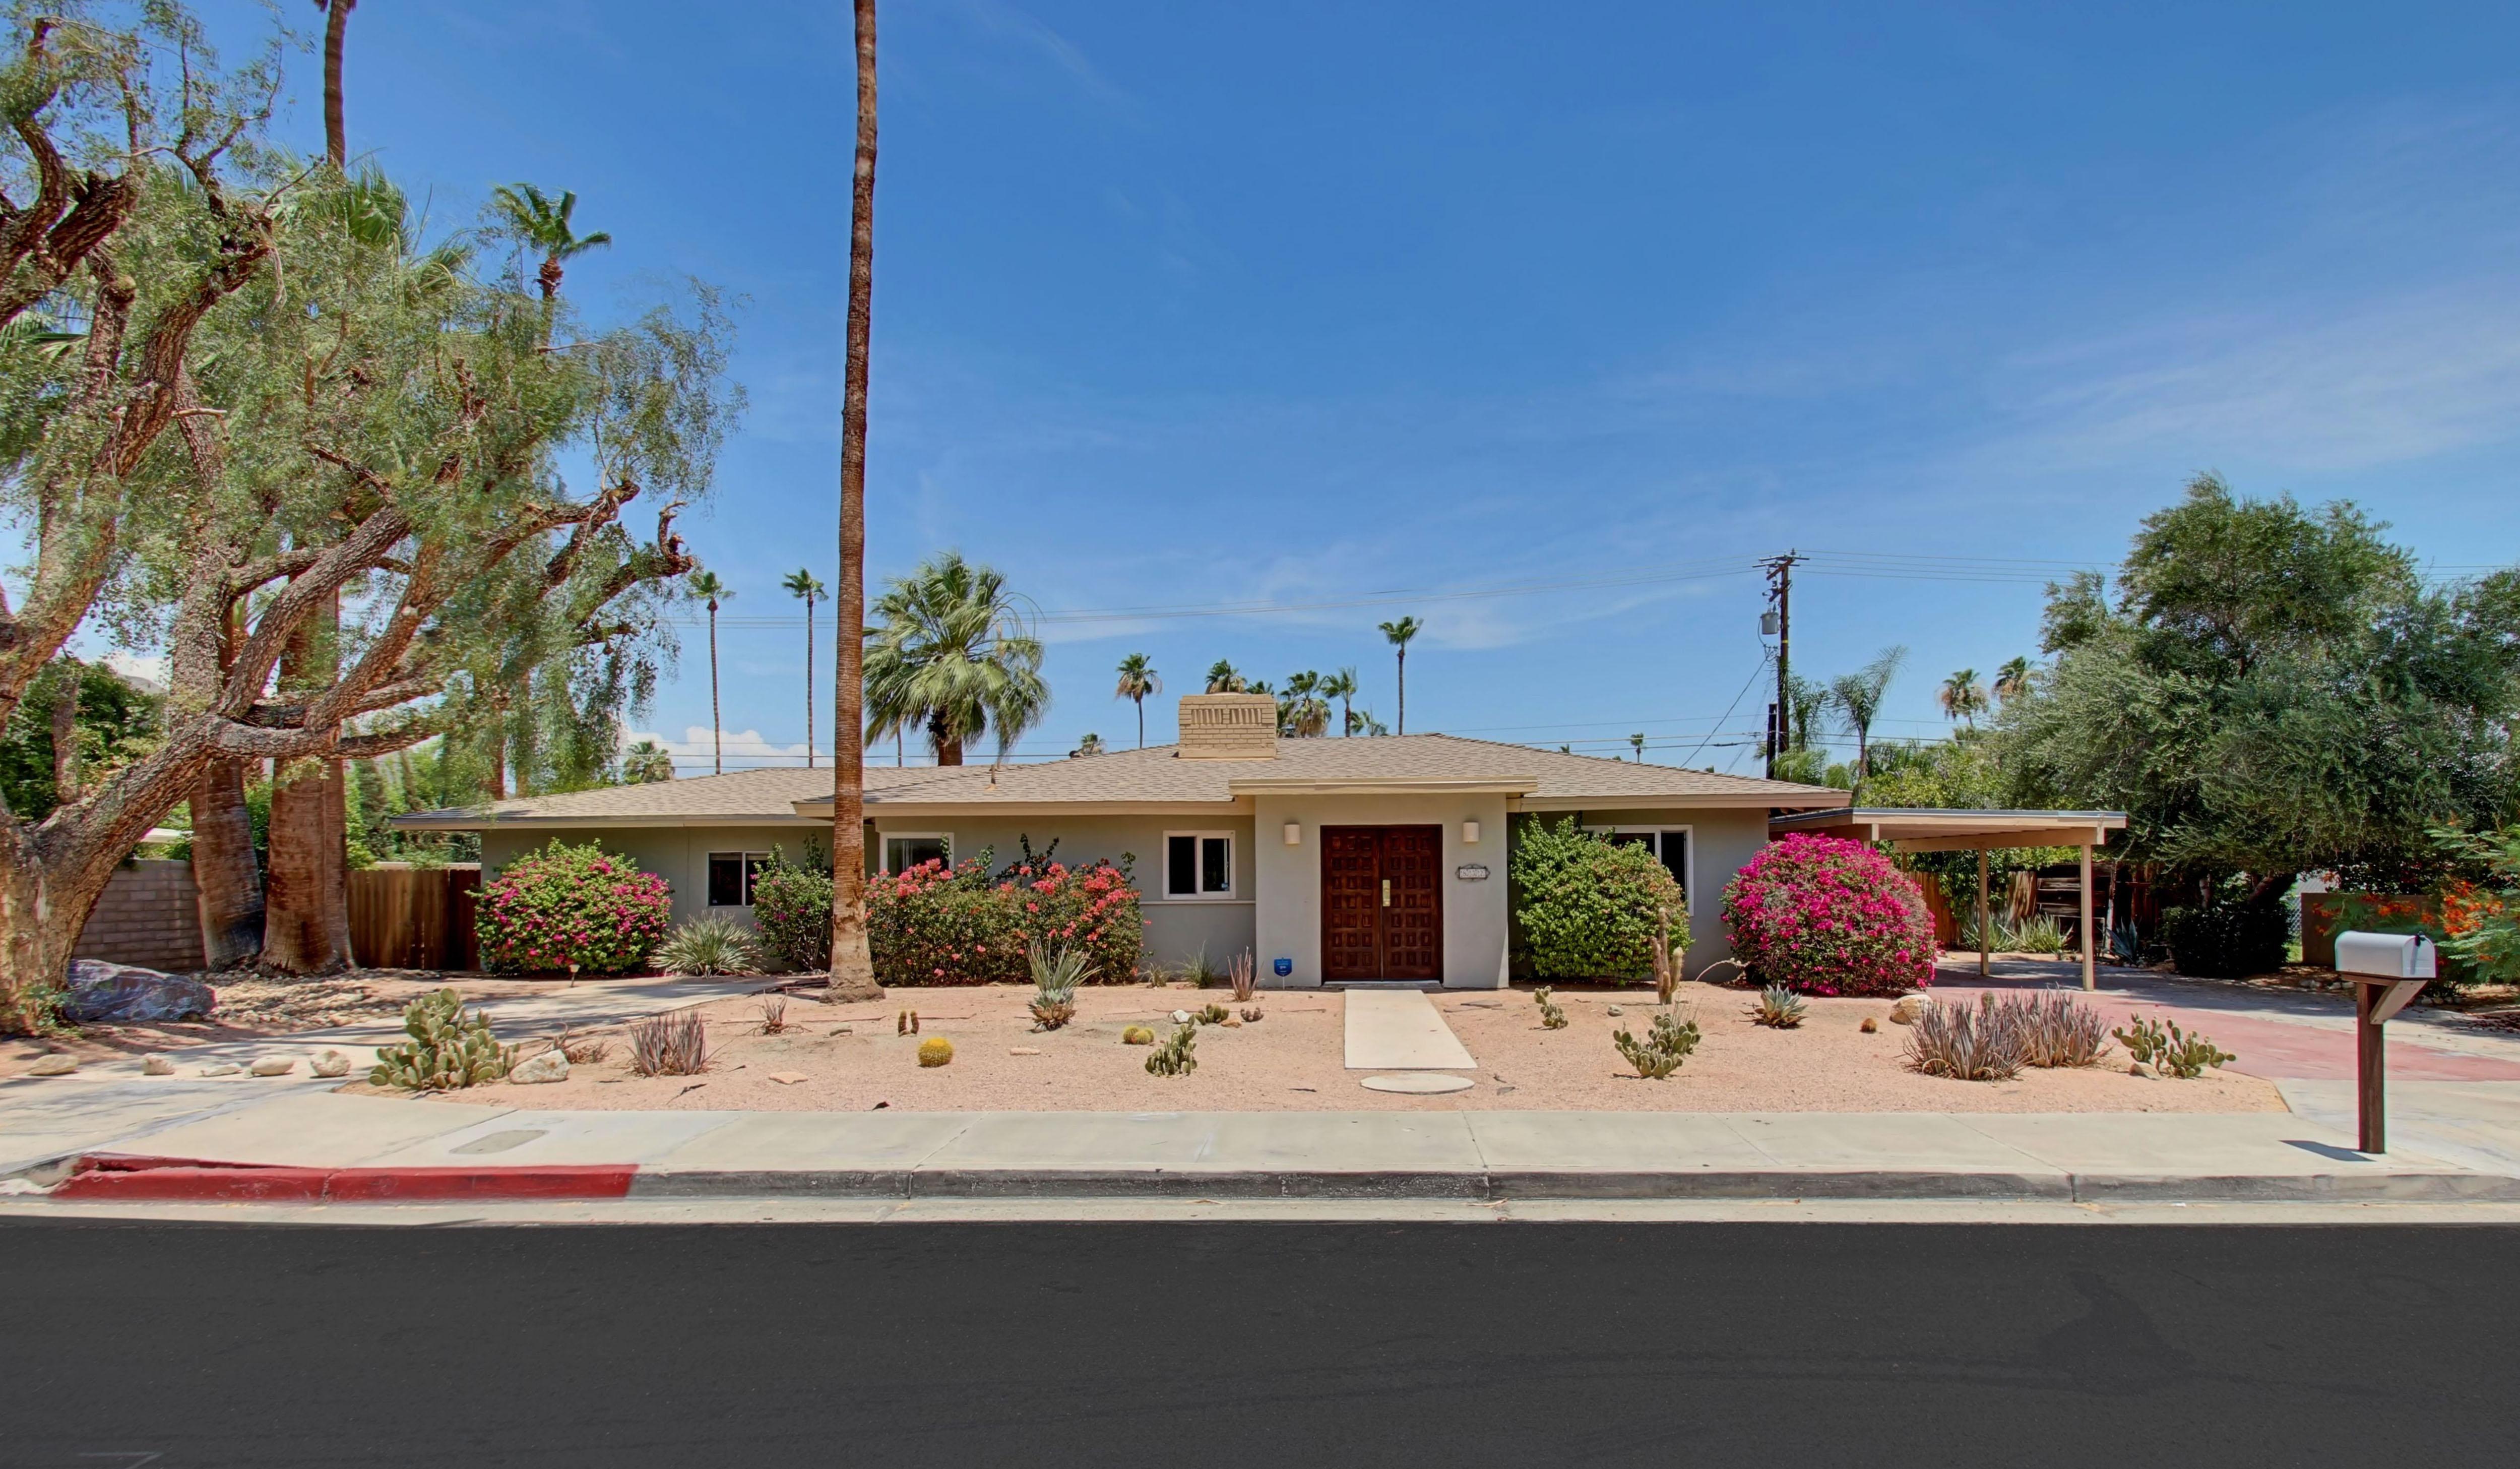 Einfamilienhaus für Verkauf beim 832 East Mesquite Ave Palm Springs, Kalifornien 92264 Vereinigte Staaten